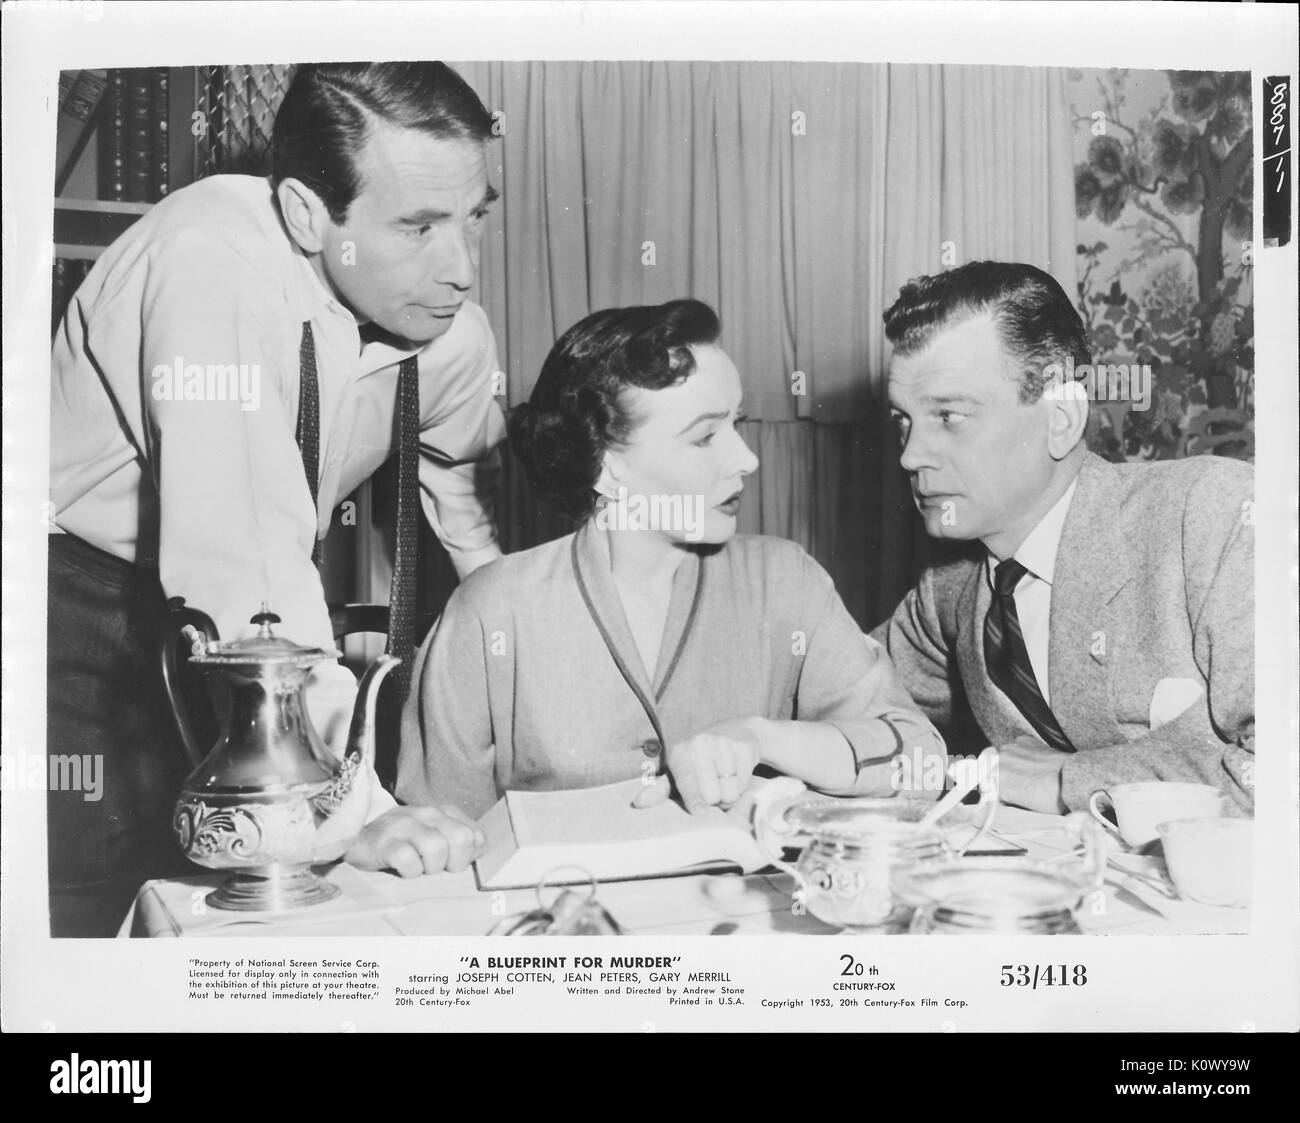 """Encore une scène de film 'un plan de meurtre"""" (1953 20th Century Fox Film thriller), montrant une femme assise faisant remarquer quelque chose dans un livre à l'homme à sa gauche tandis que l'autre homme sur son droit à l'écoute, 1953. Photo Stock"""